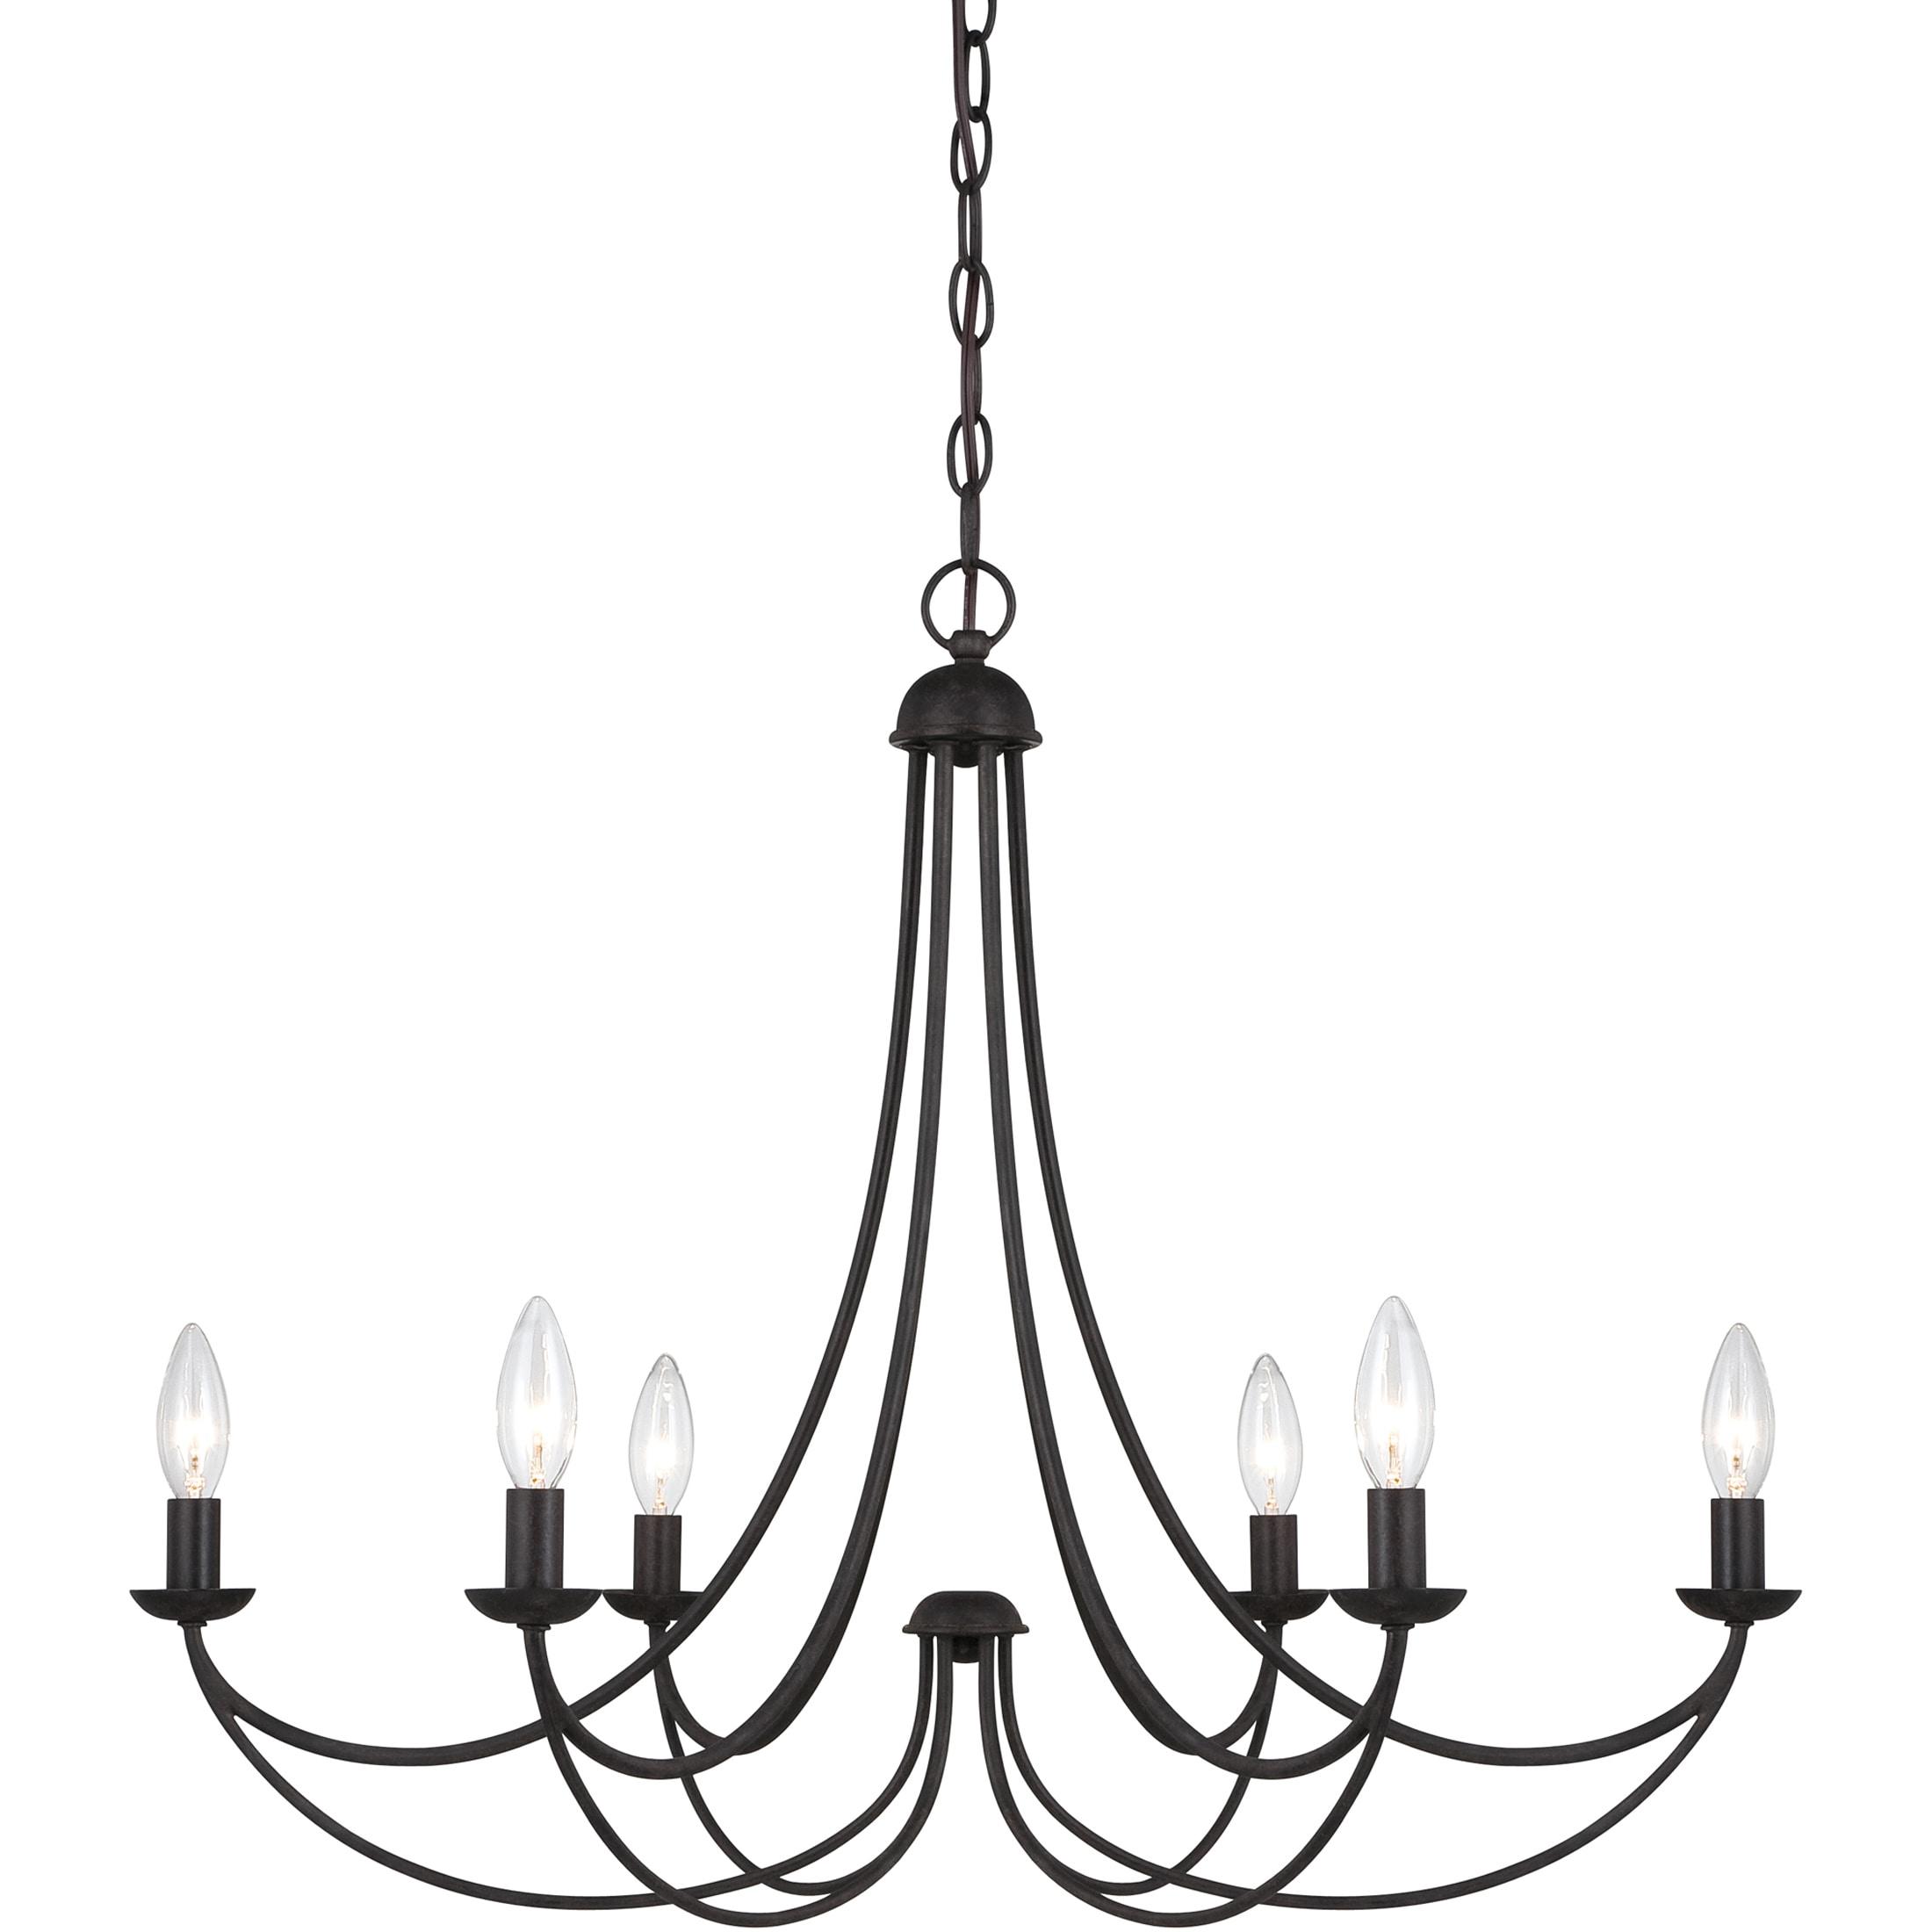 Quoize 'Mirren' 6-light Chandelier